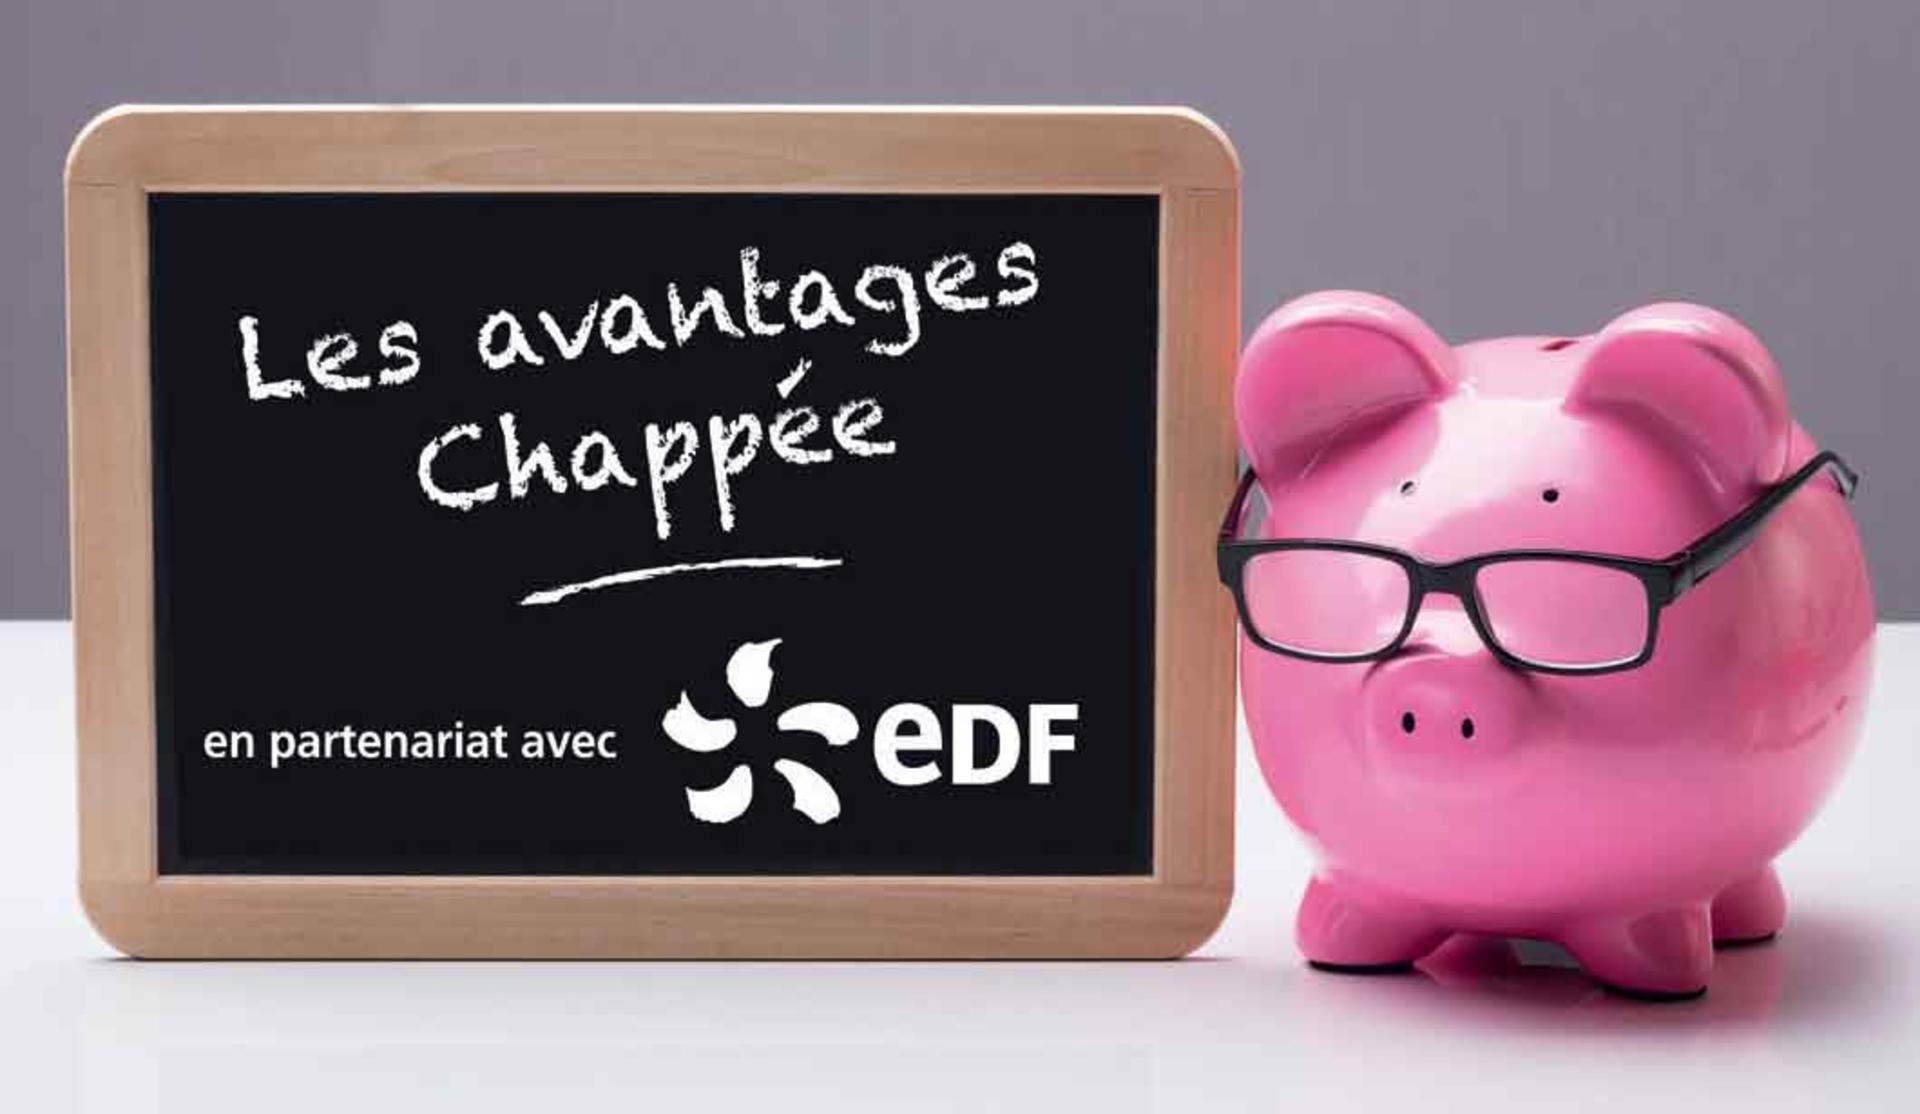 Promotion edf prime énergie chappée en partenariat avec EDFjavascript:;